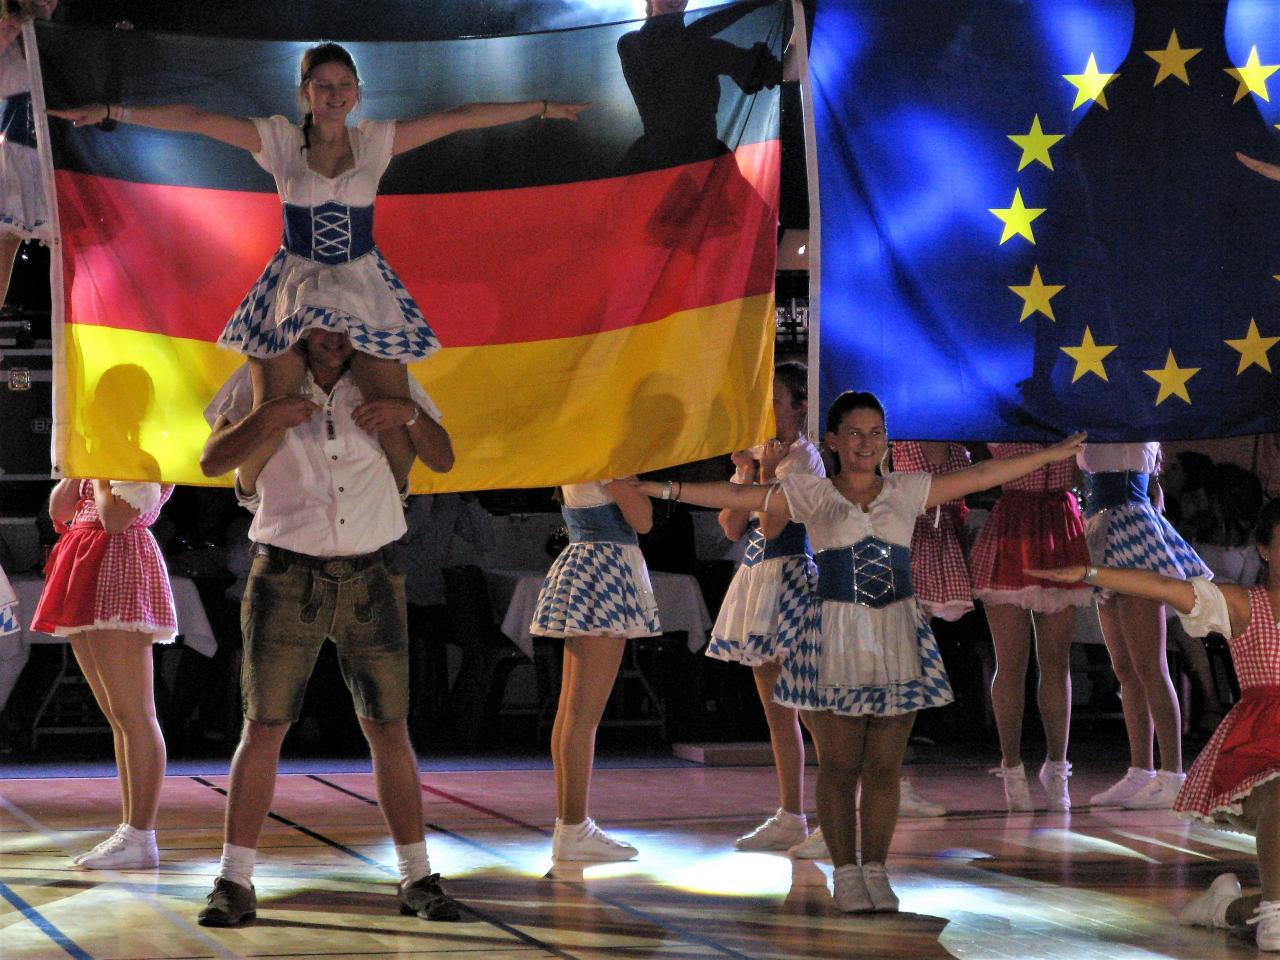 Spectacle du soir avec les drapeaux français, allemand et européen